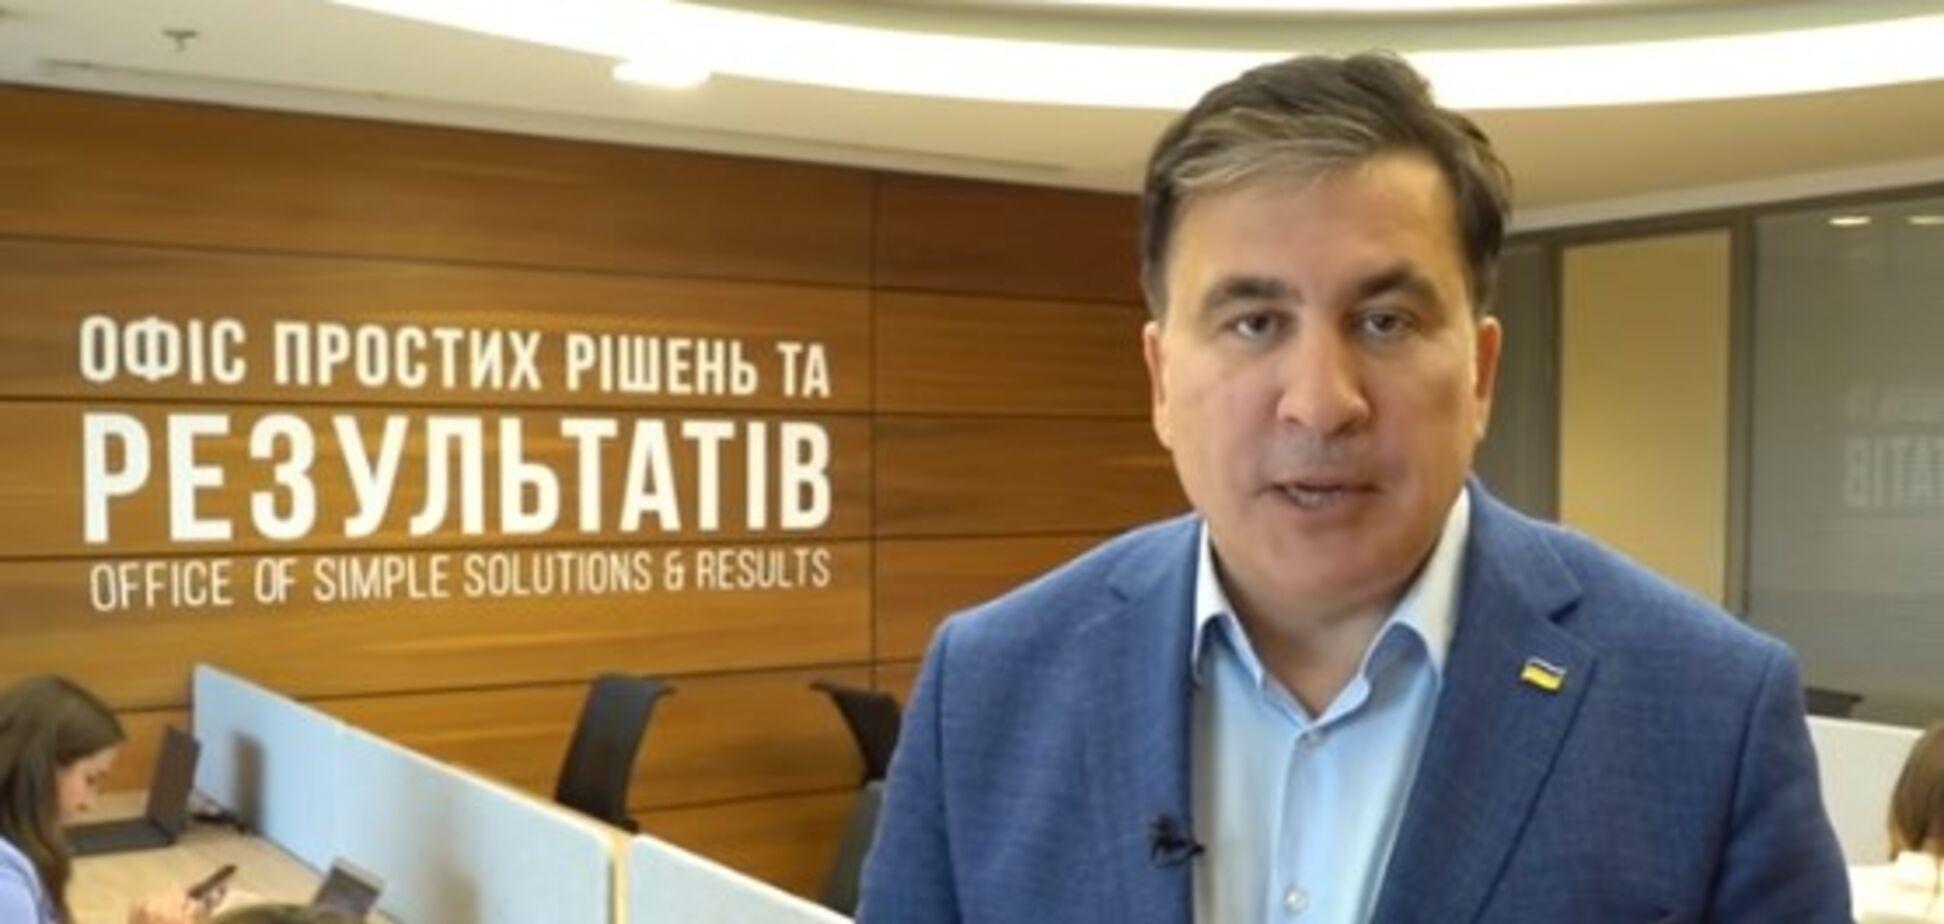 Перша 'реформа': Саакашвілі змінив назву Нацради реформ